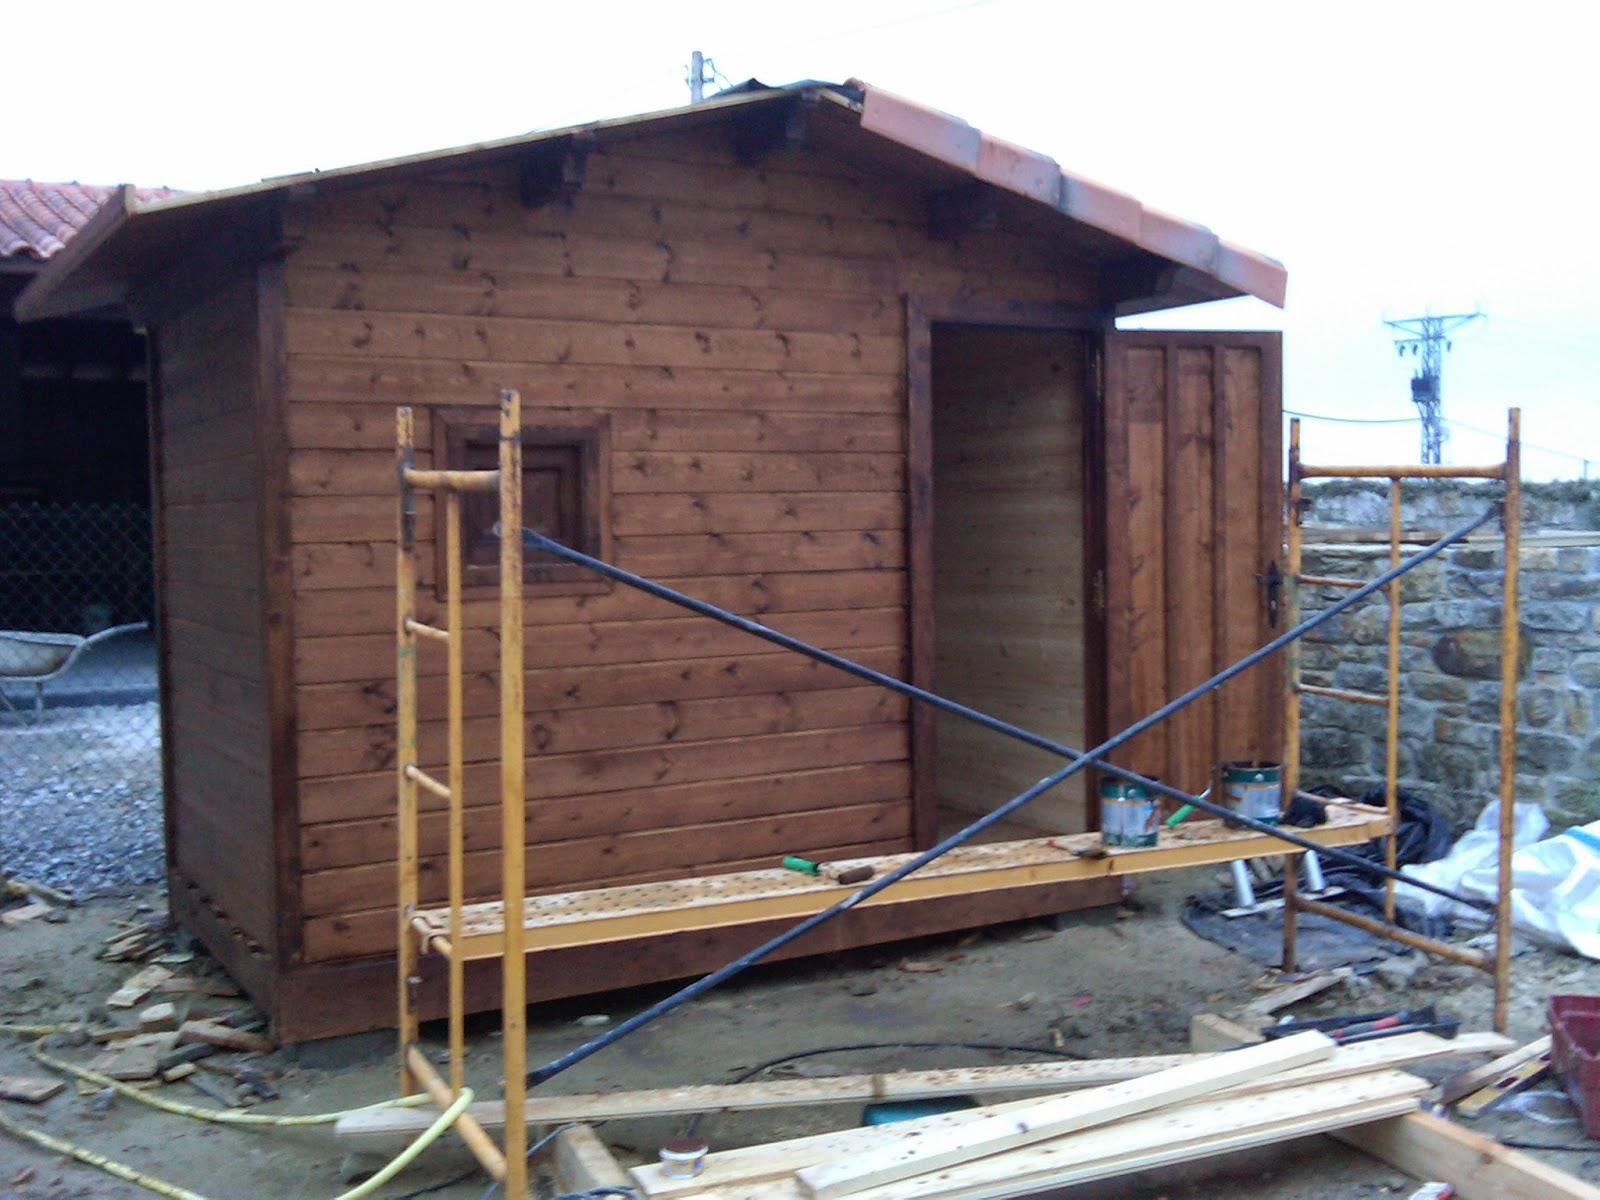 Carpinteria de armar caseta de madera - Hacer caseta de madera ...